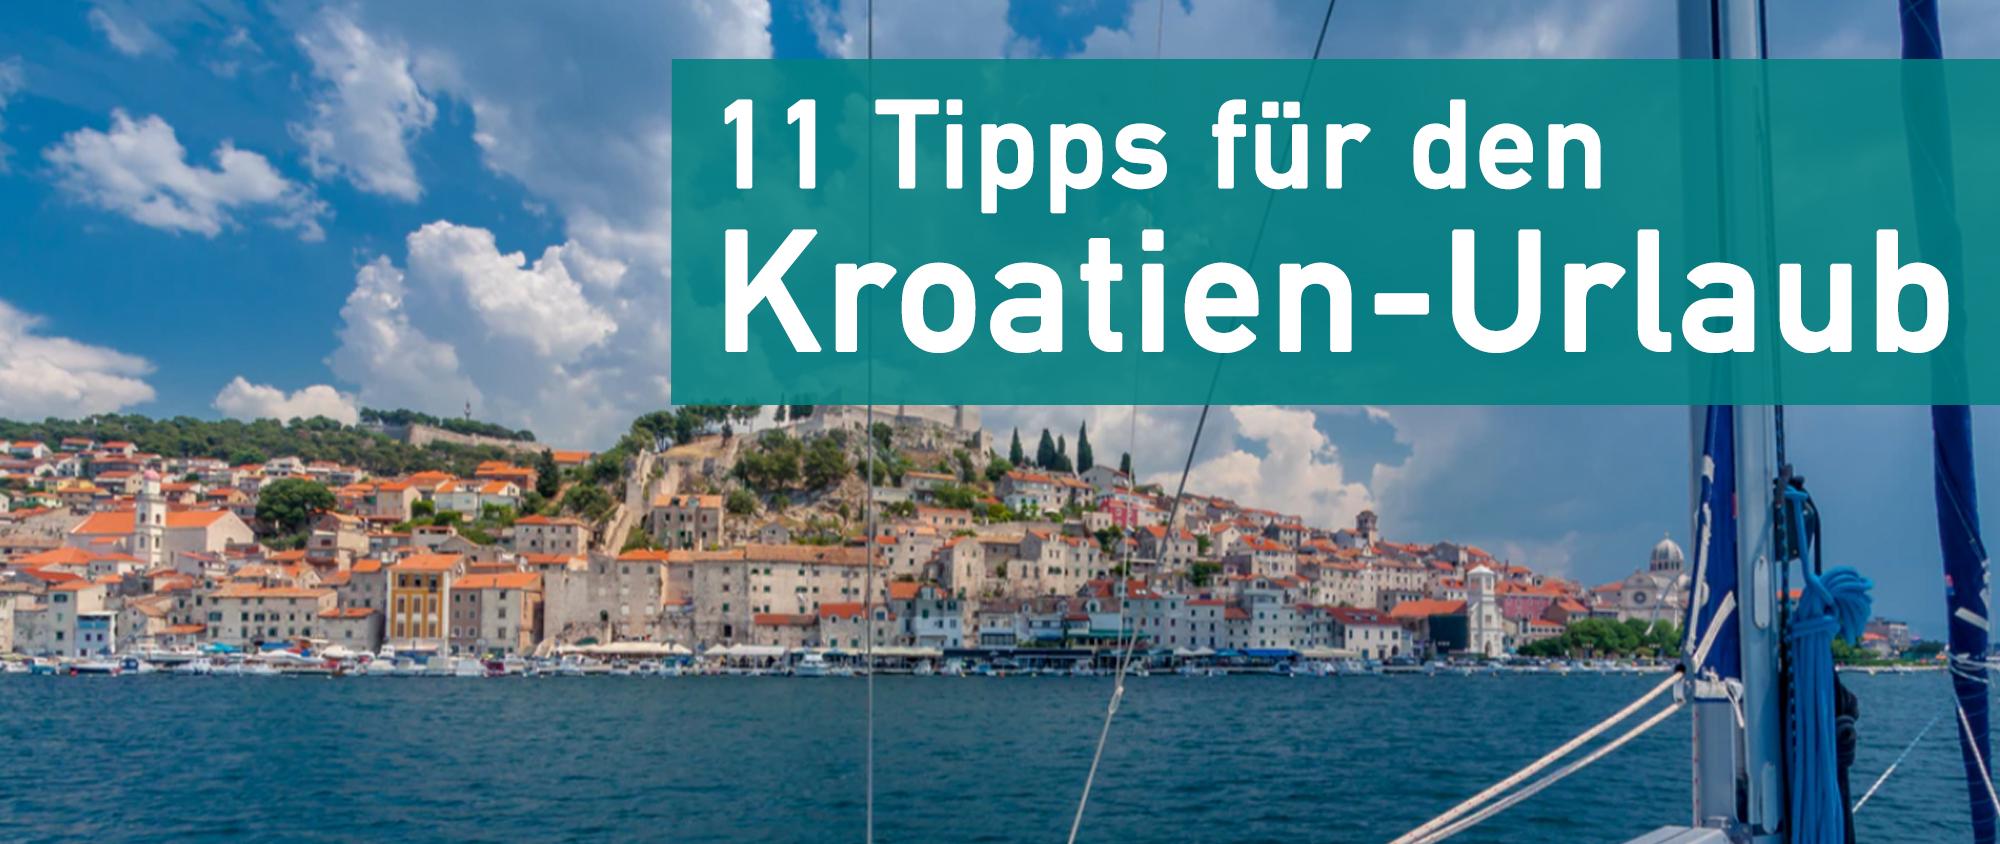 Tipps für den Kroatien-Urlaub